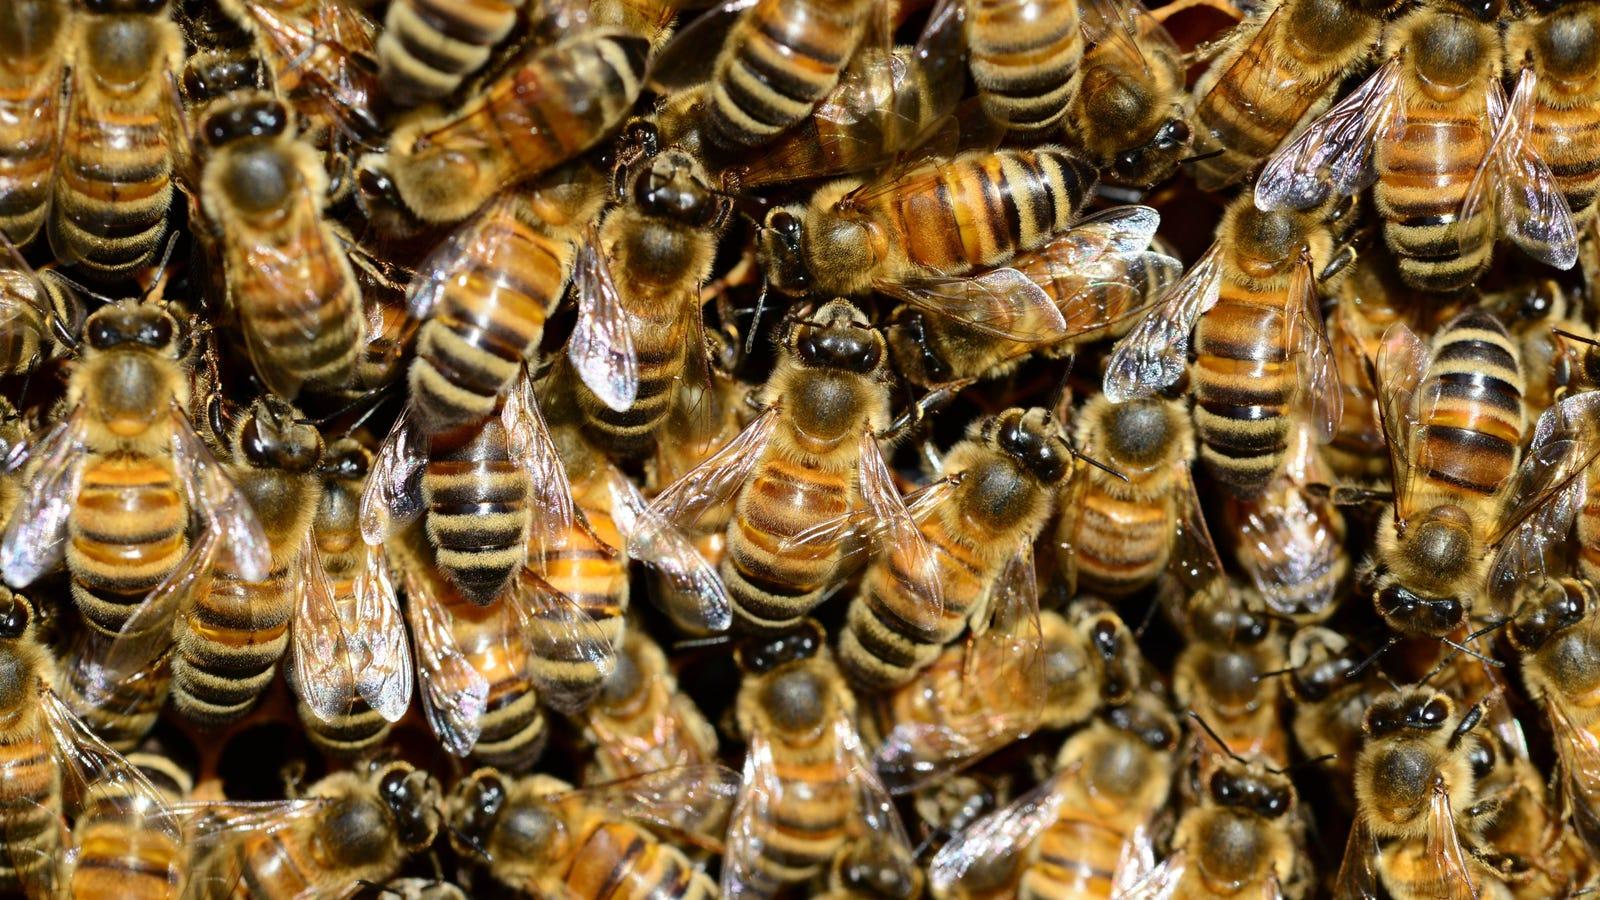 Call a Beekeeper, Not an Exterminator